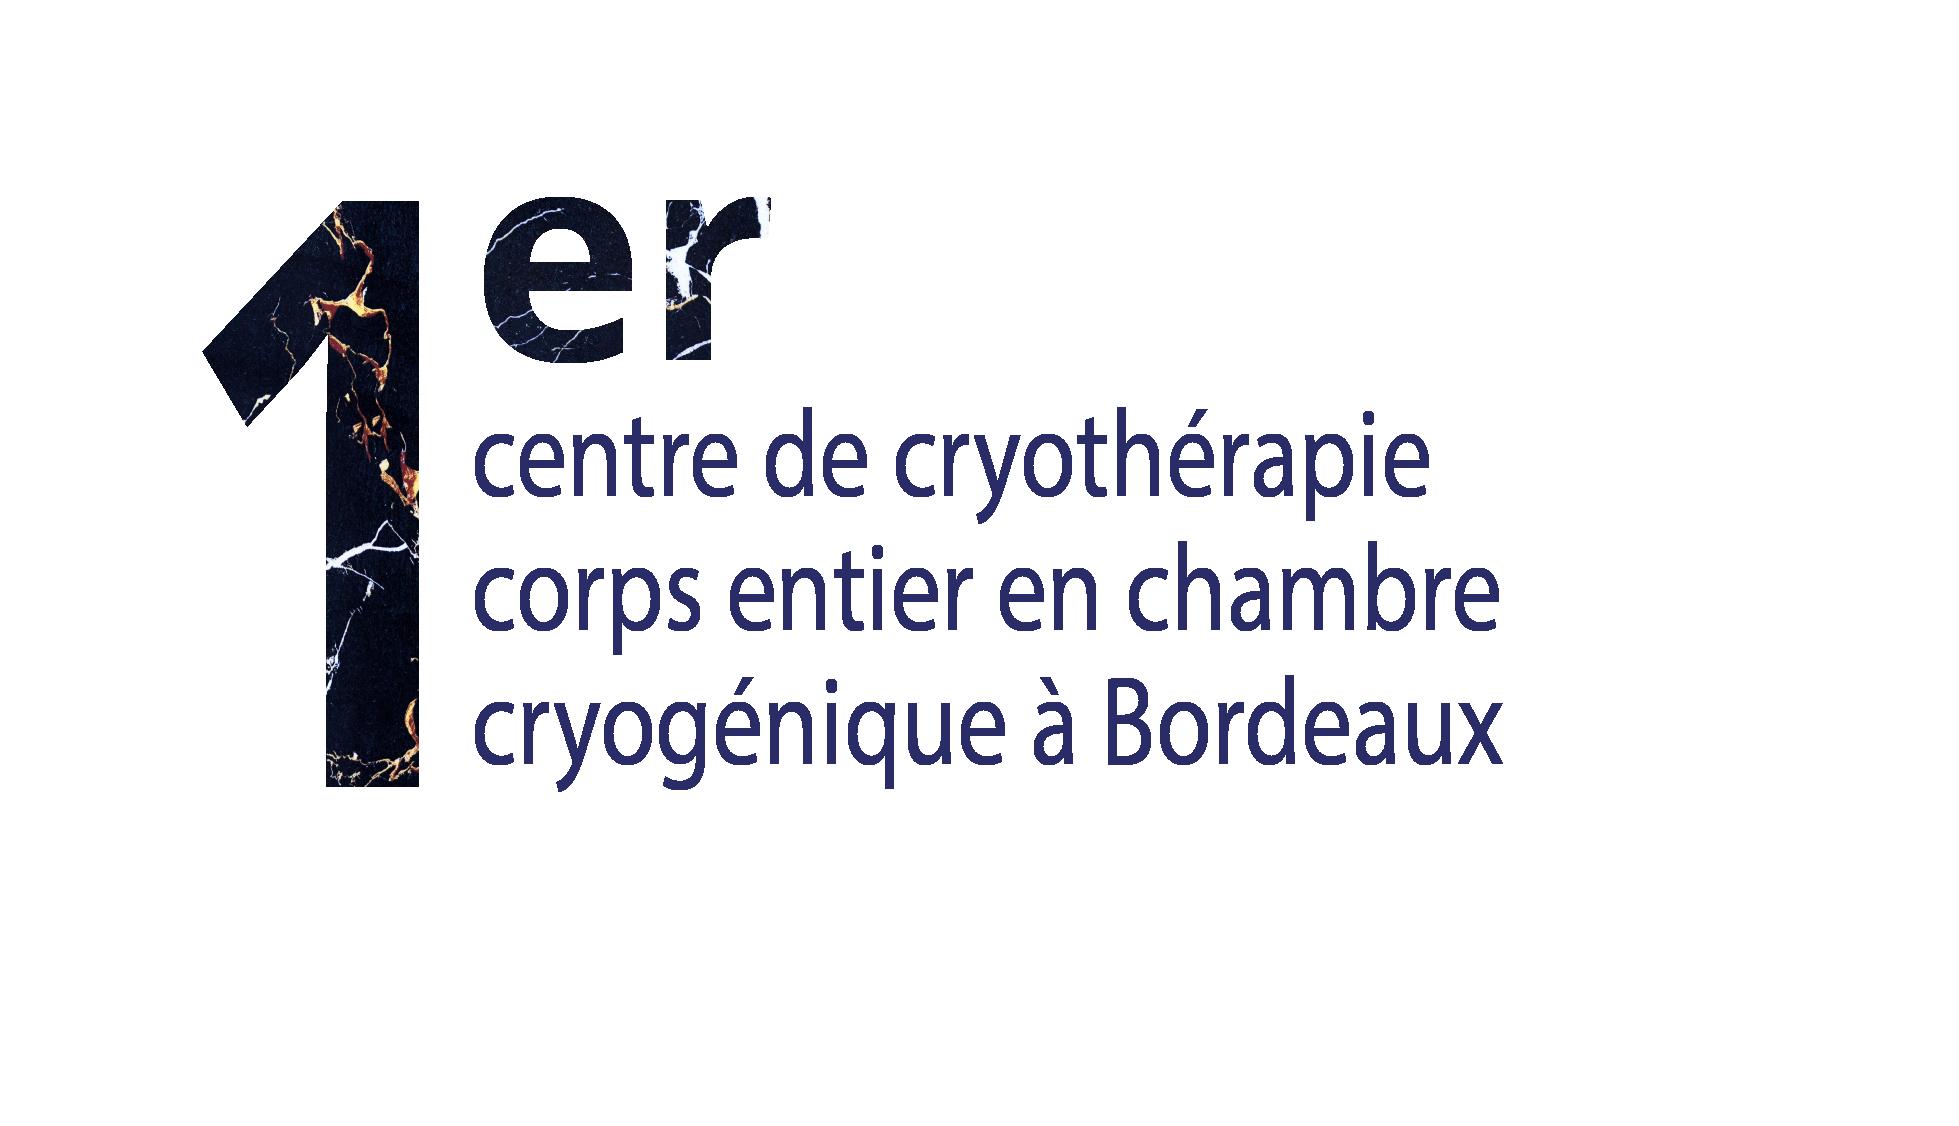 Premier centre de cryothérapie à Bordeaux | Norkapp